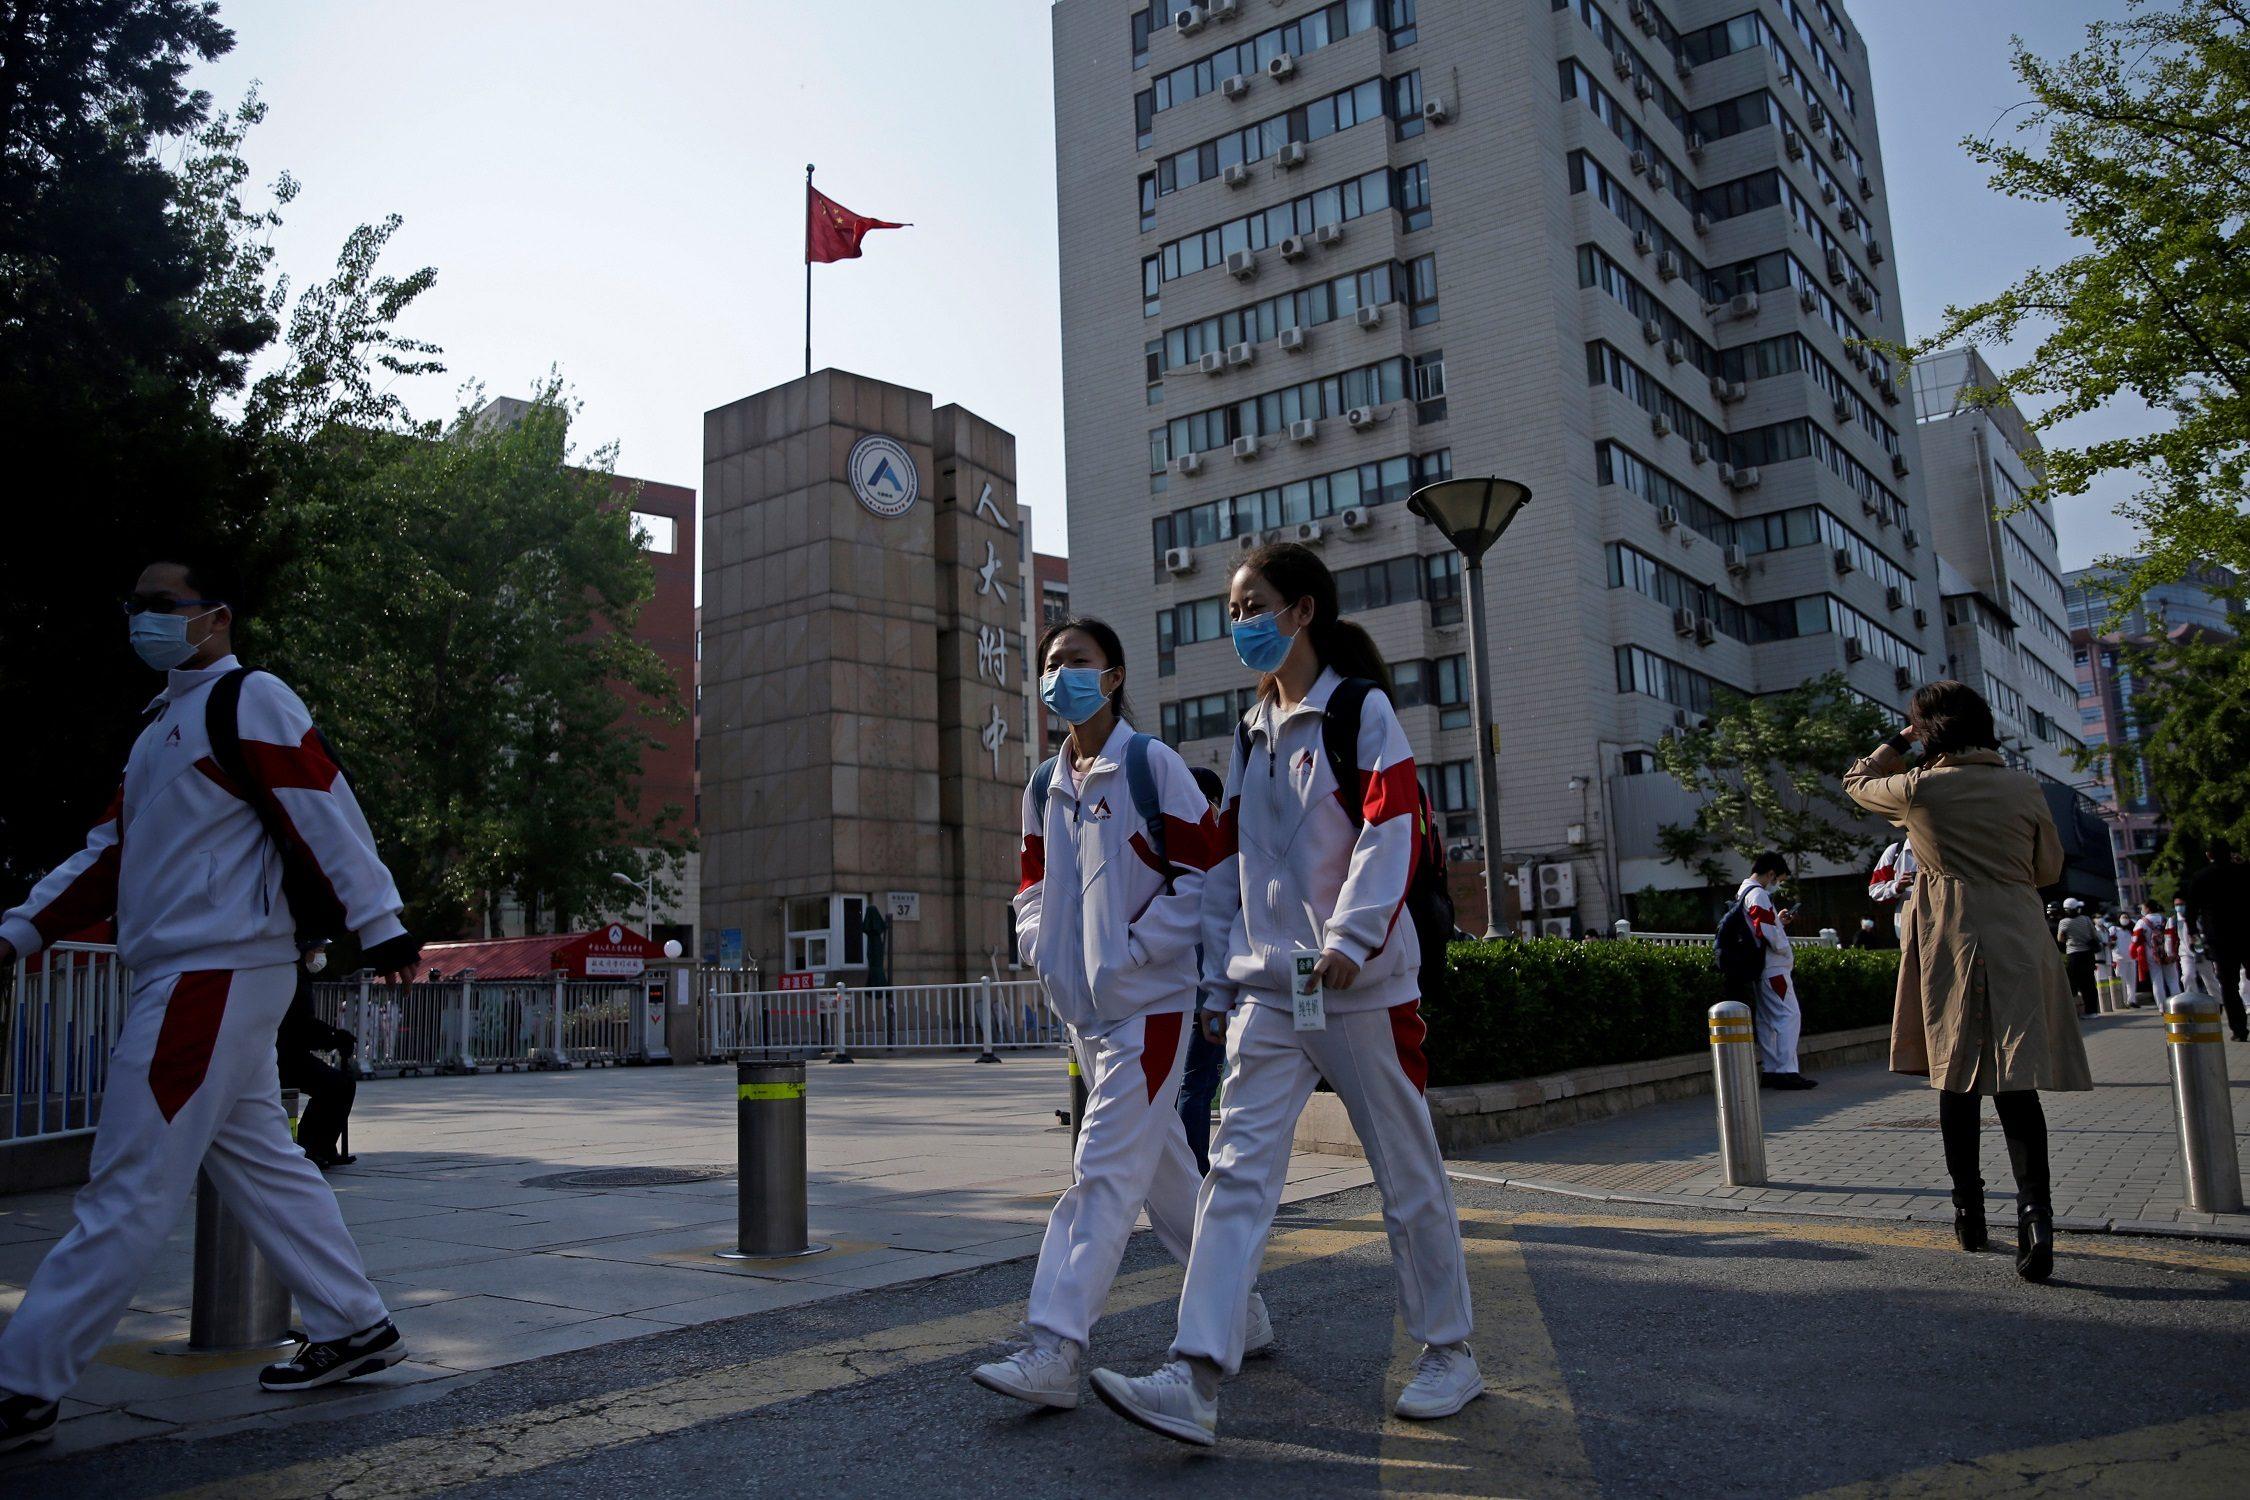 """นักเรียนจีน 2 ราย เสียชีวิตระหว่างวิ่งขณะ """"สวมหน้ากาก"""""""